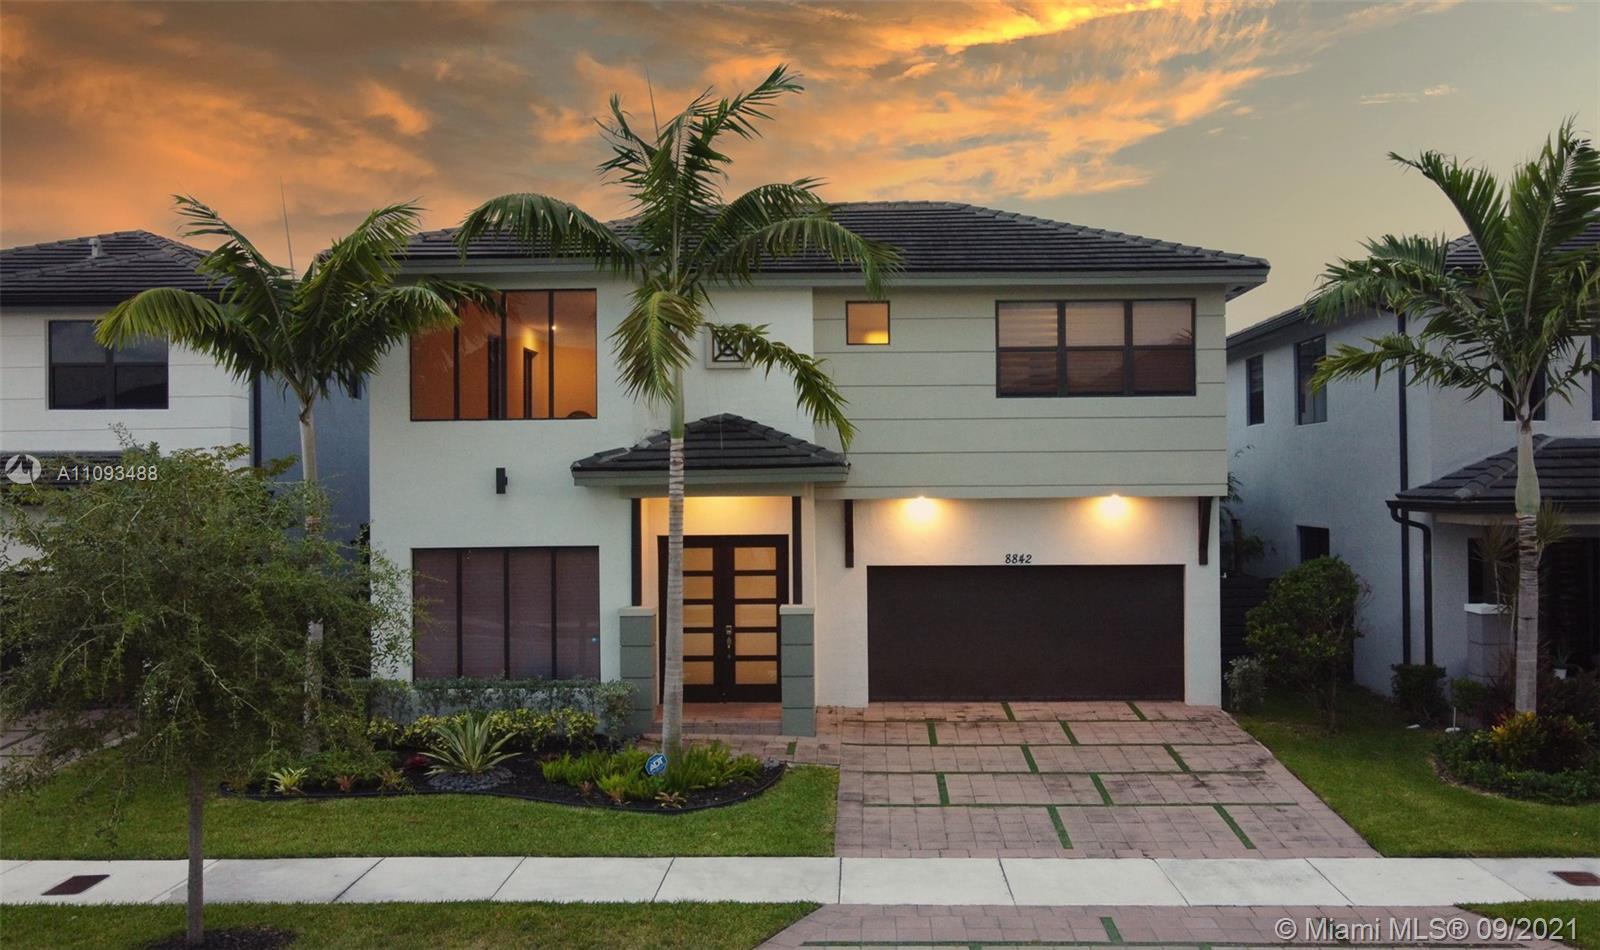 Miami Lakes #154 - 8842 NW 154th Ter #154, Miami Lakes, FL 33018